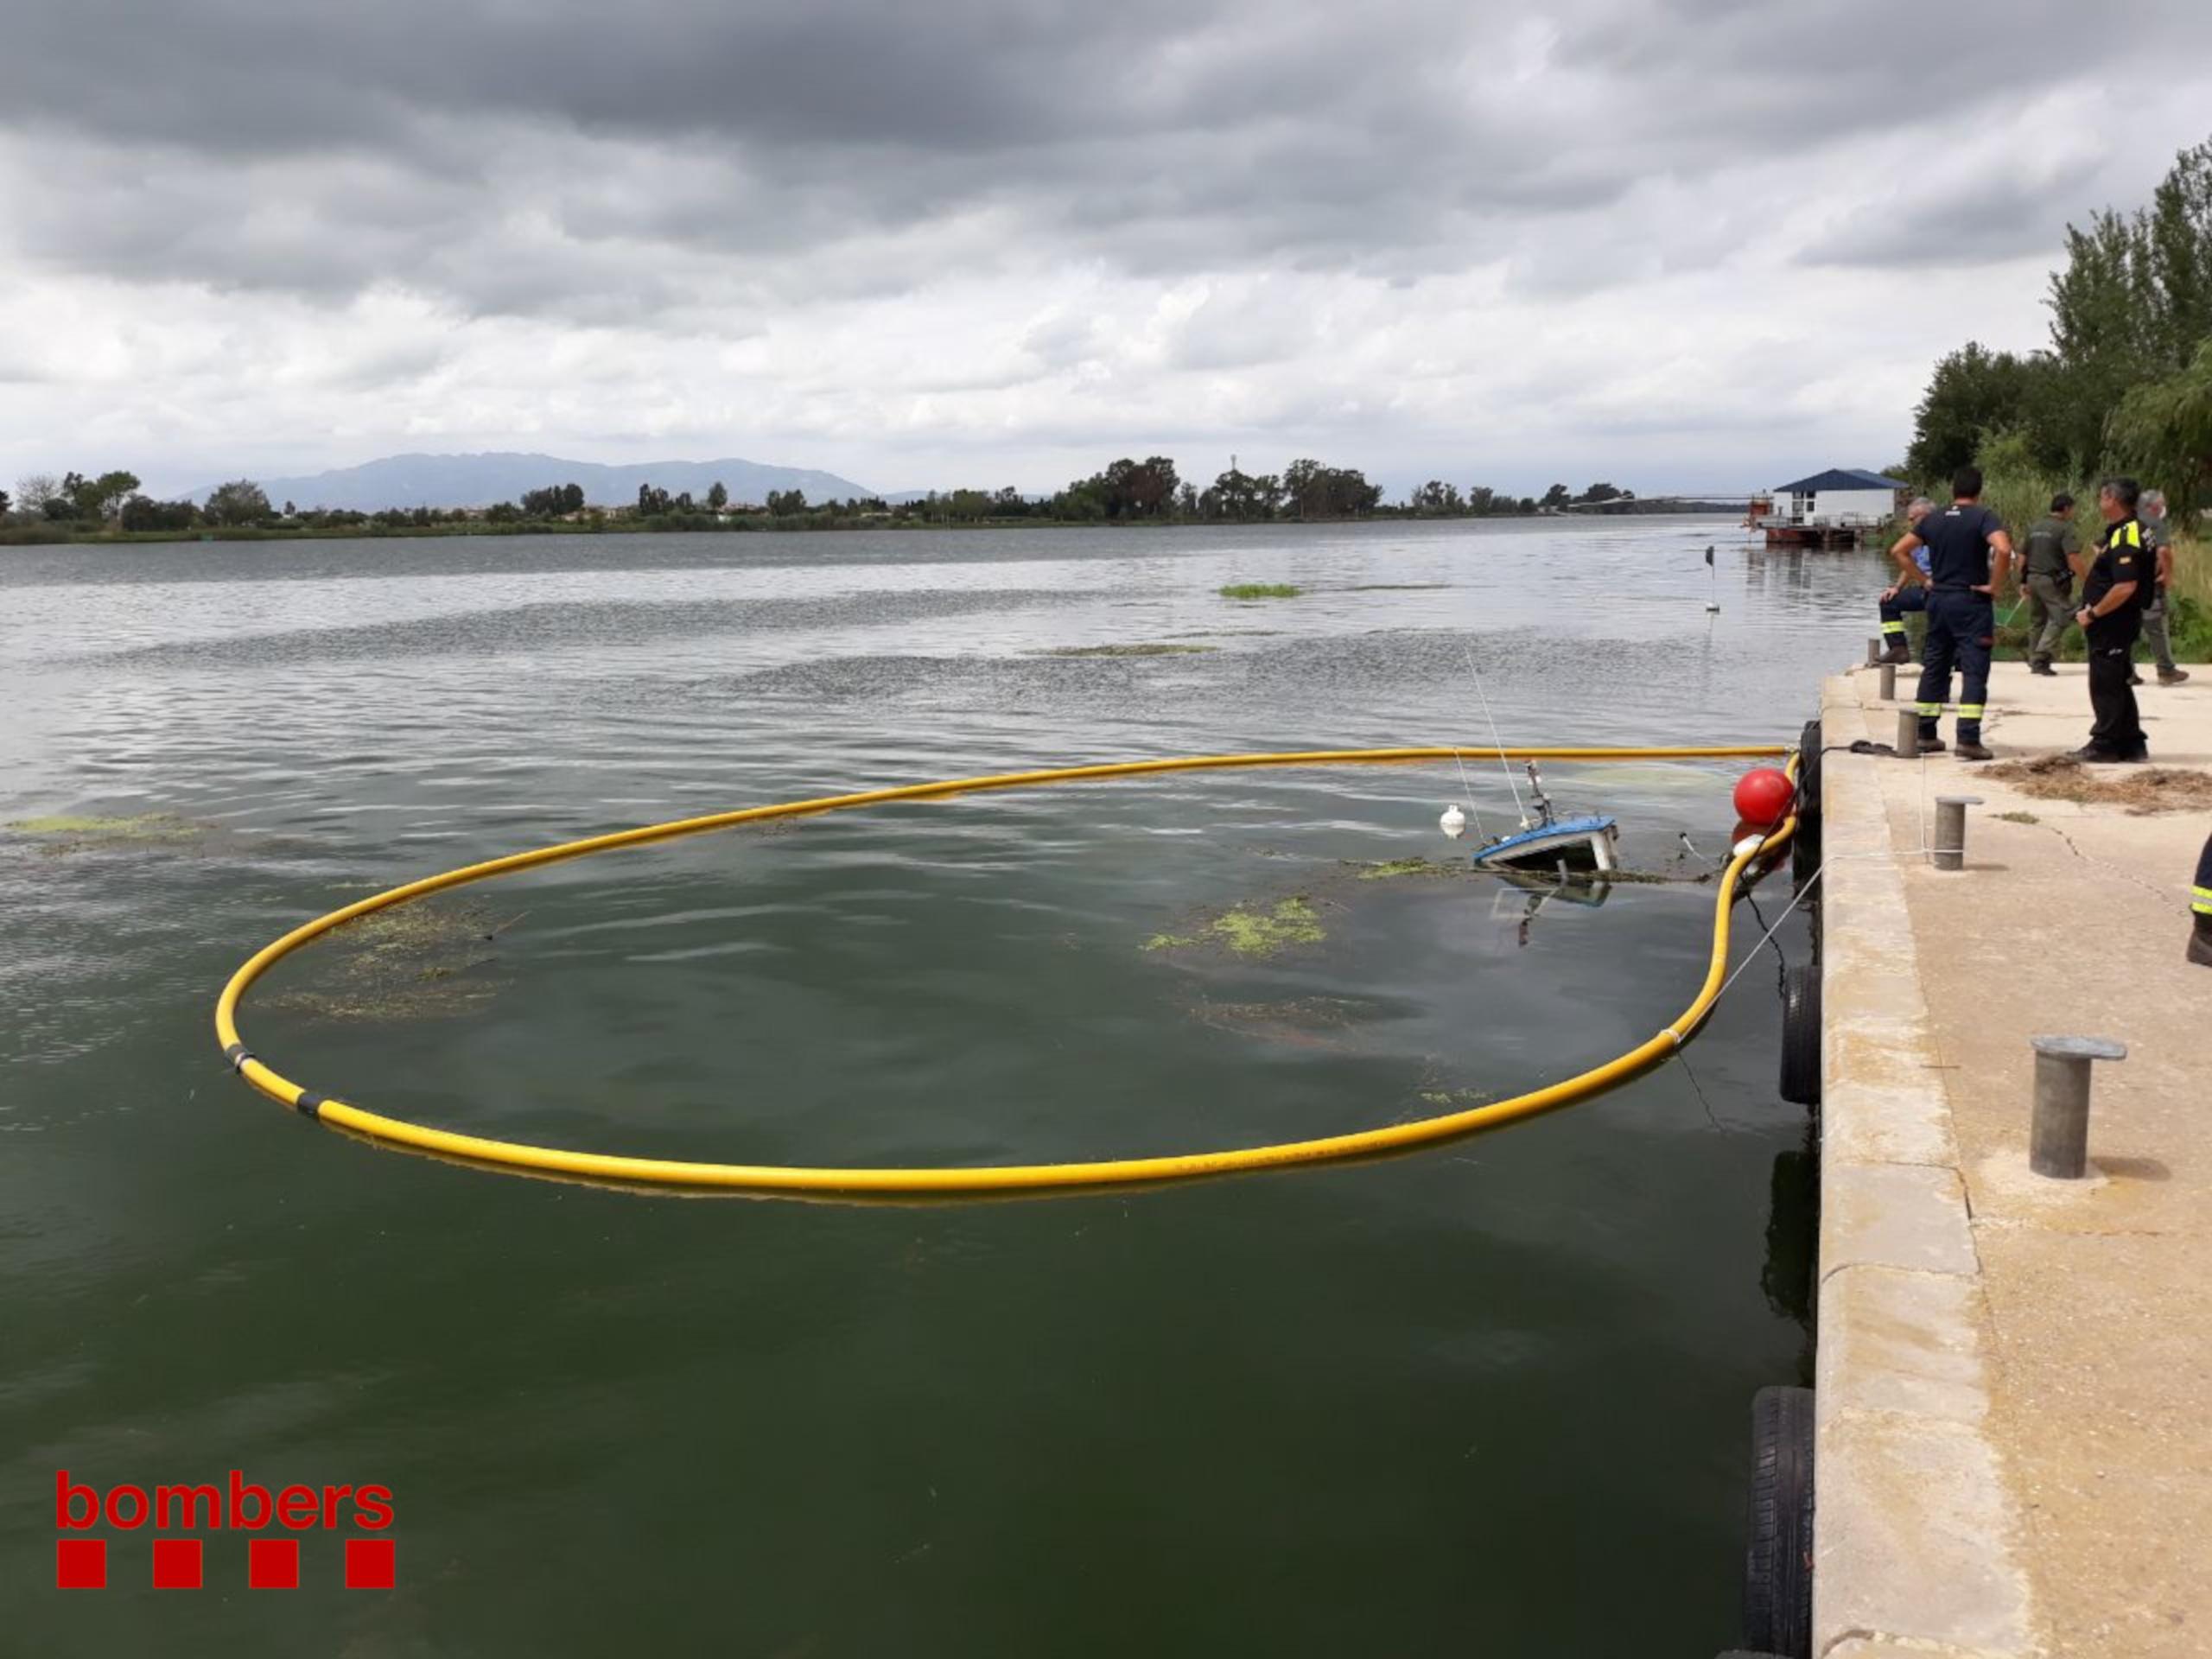 La mànega amb què els Bombers contenen la fuga de gasoil que ha provocat al riu Ebre l'enfonsament d'un vaixell pesquer a Deltebre (ACN)